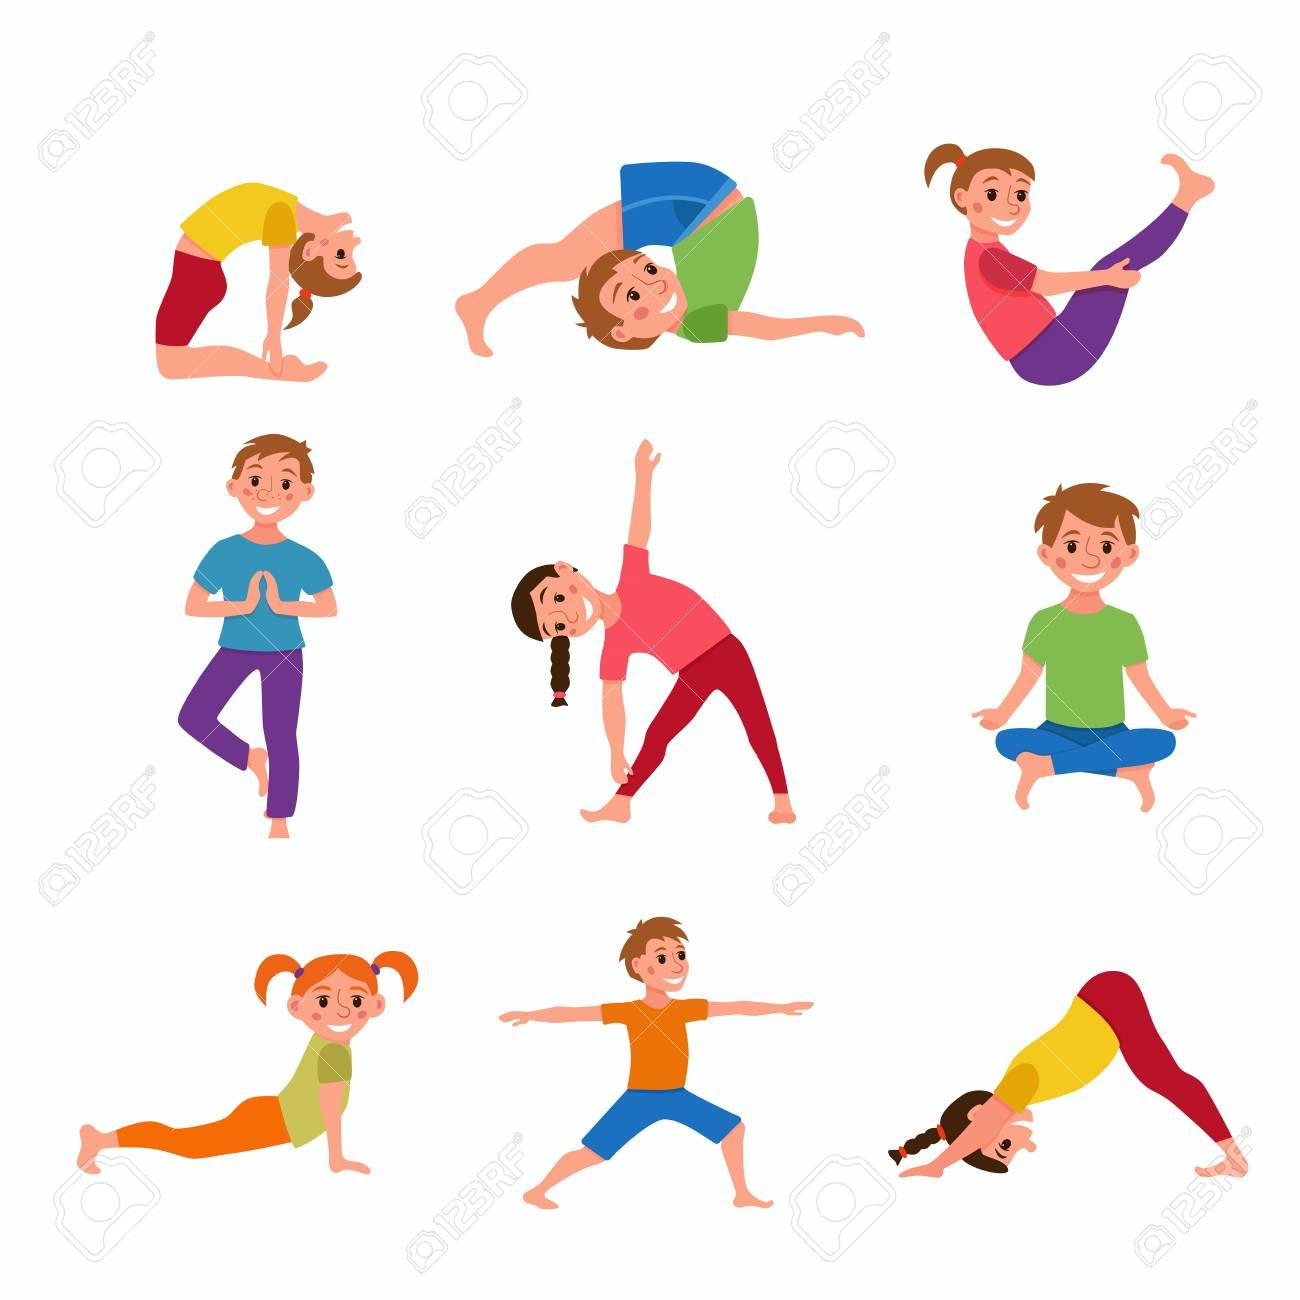 Las Posturas De Yoga Para Ninos Ilustraciones Vectoriales Clip Art Vectorizado Libre De Derechos Image 69255069